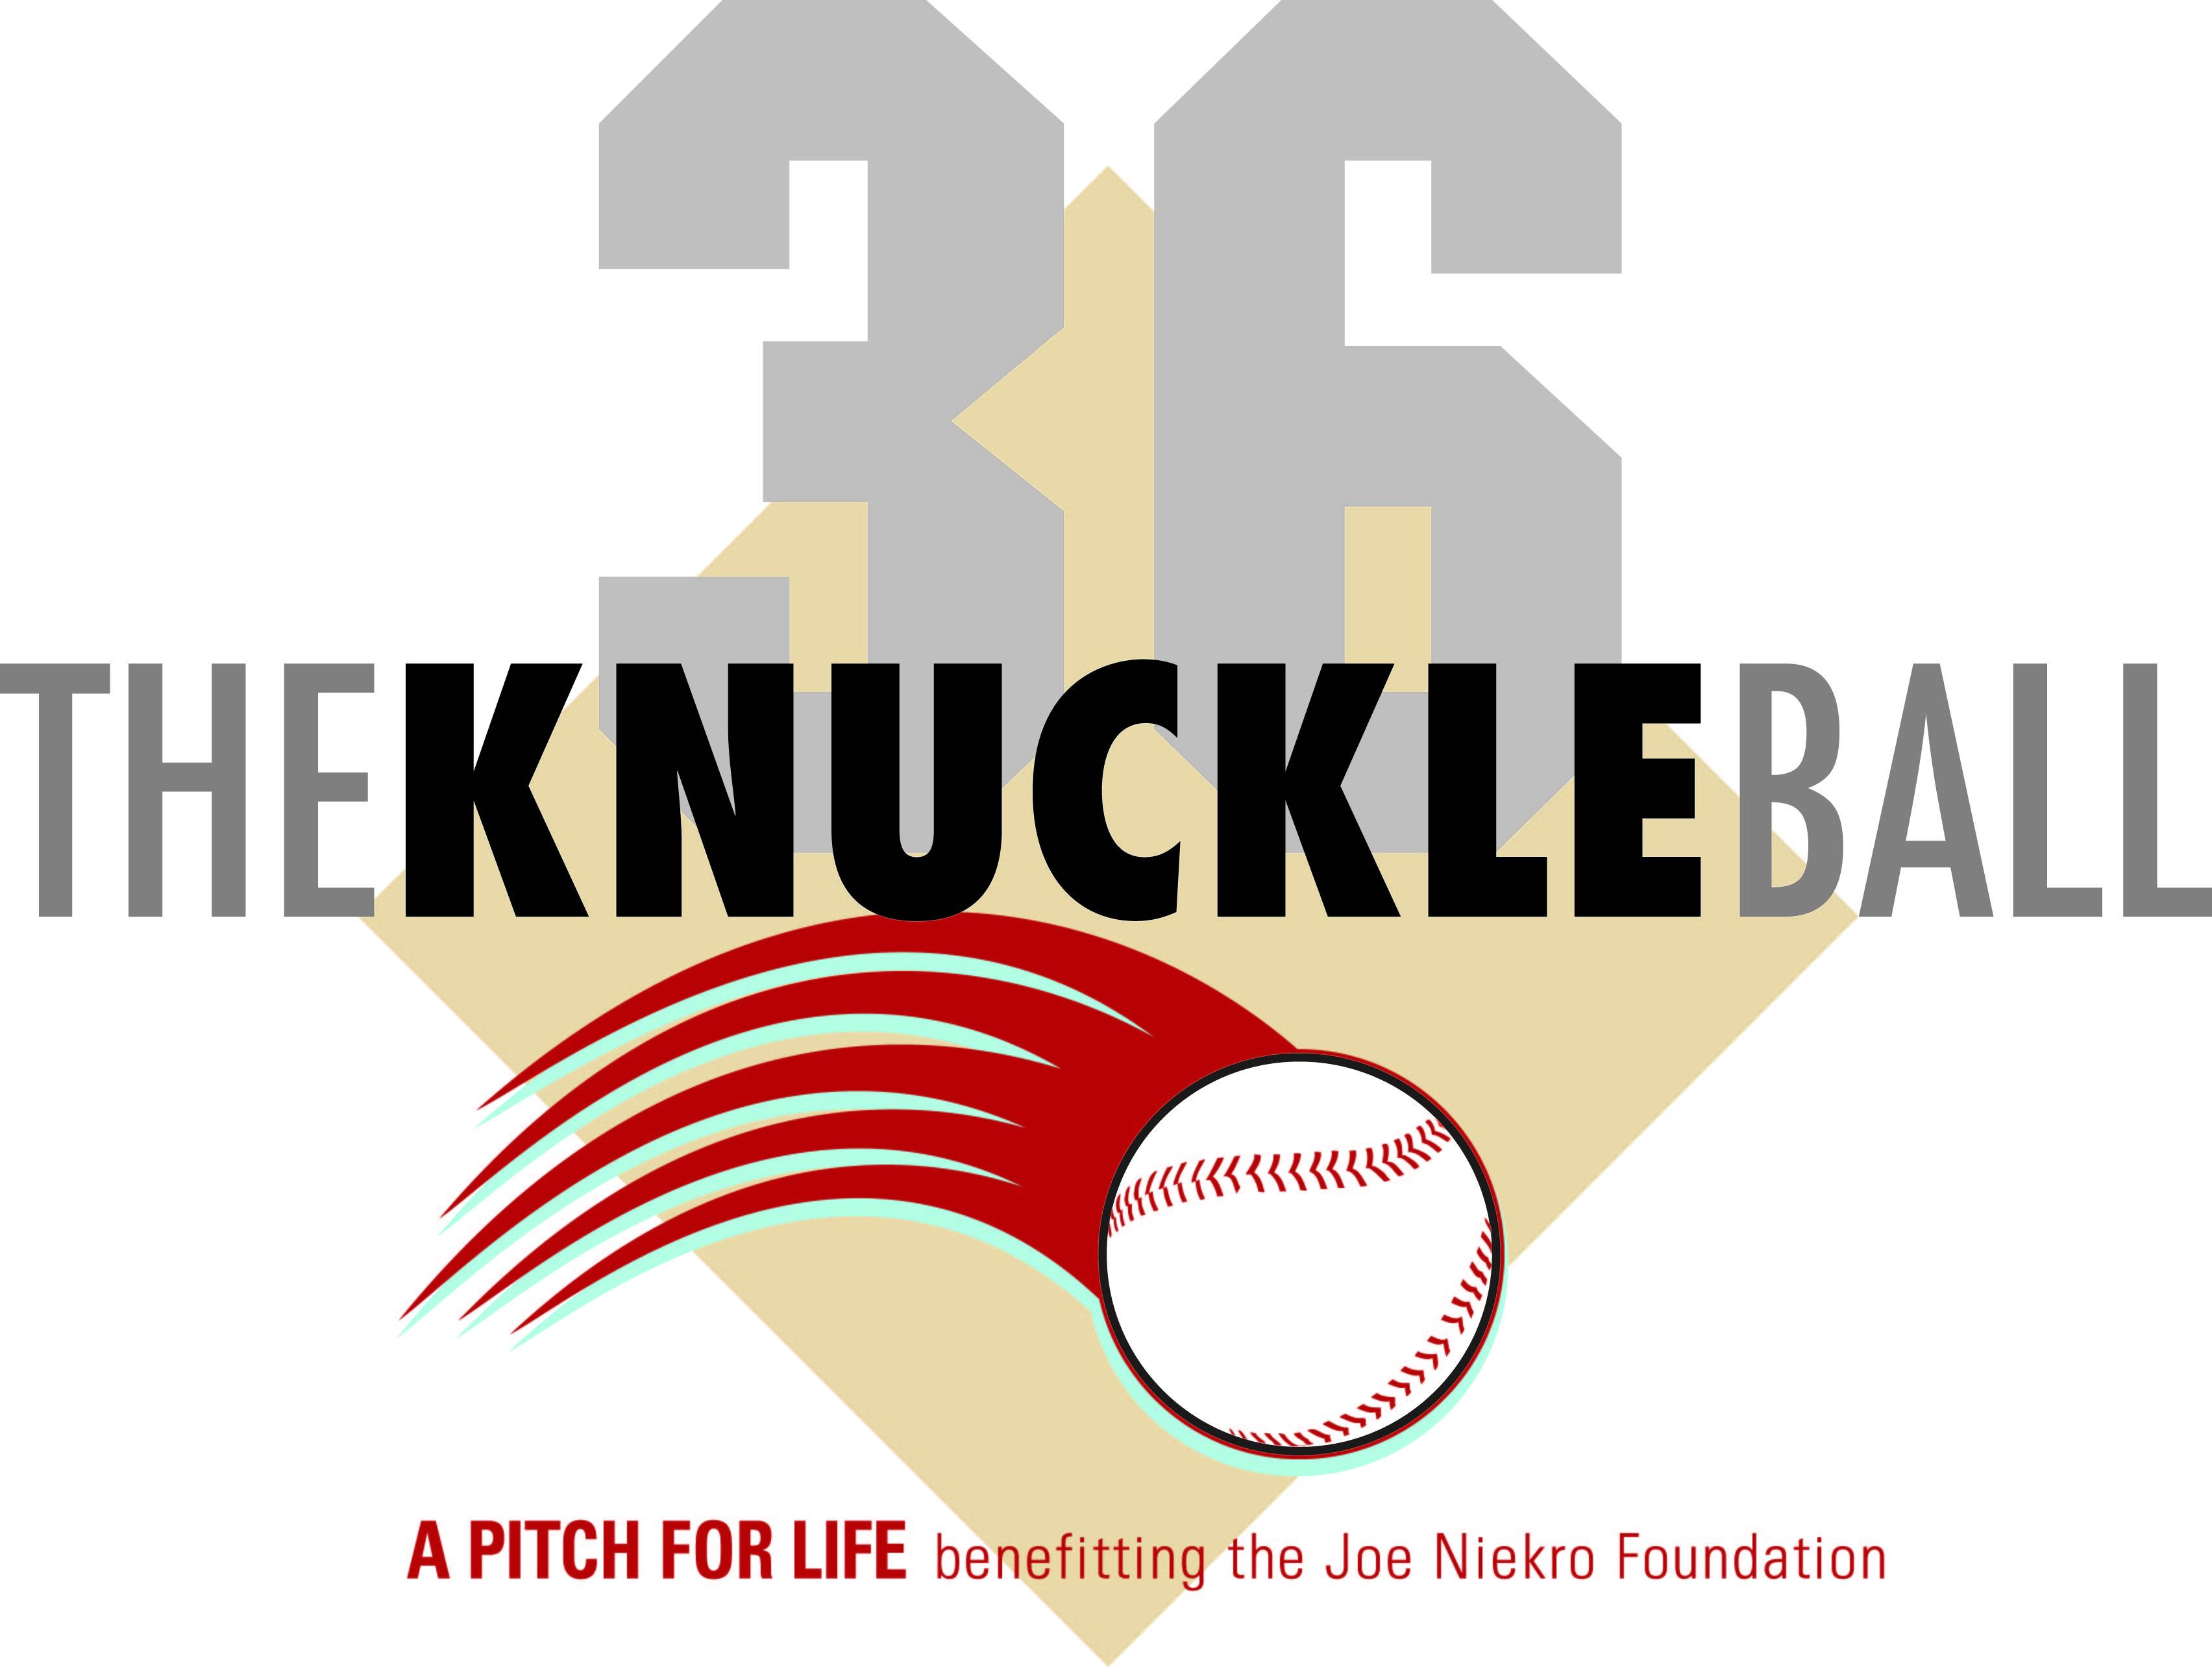 http://www.joeniekrofoundation.com/events/knuckle-ball-2010-well-under-way/attachment/f_kblogo/